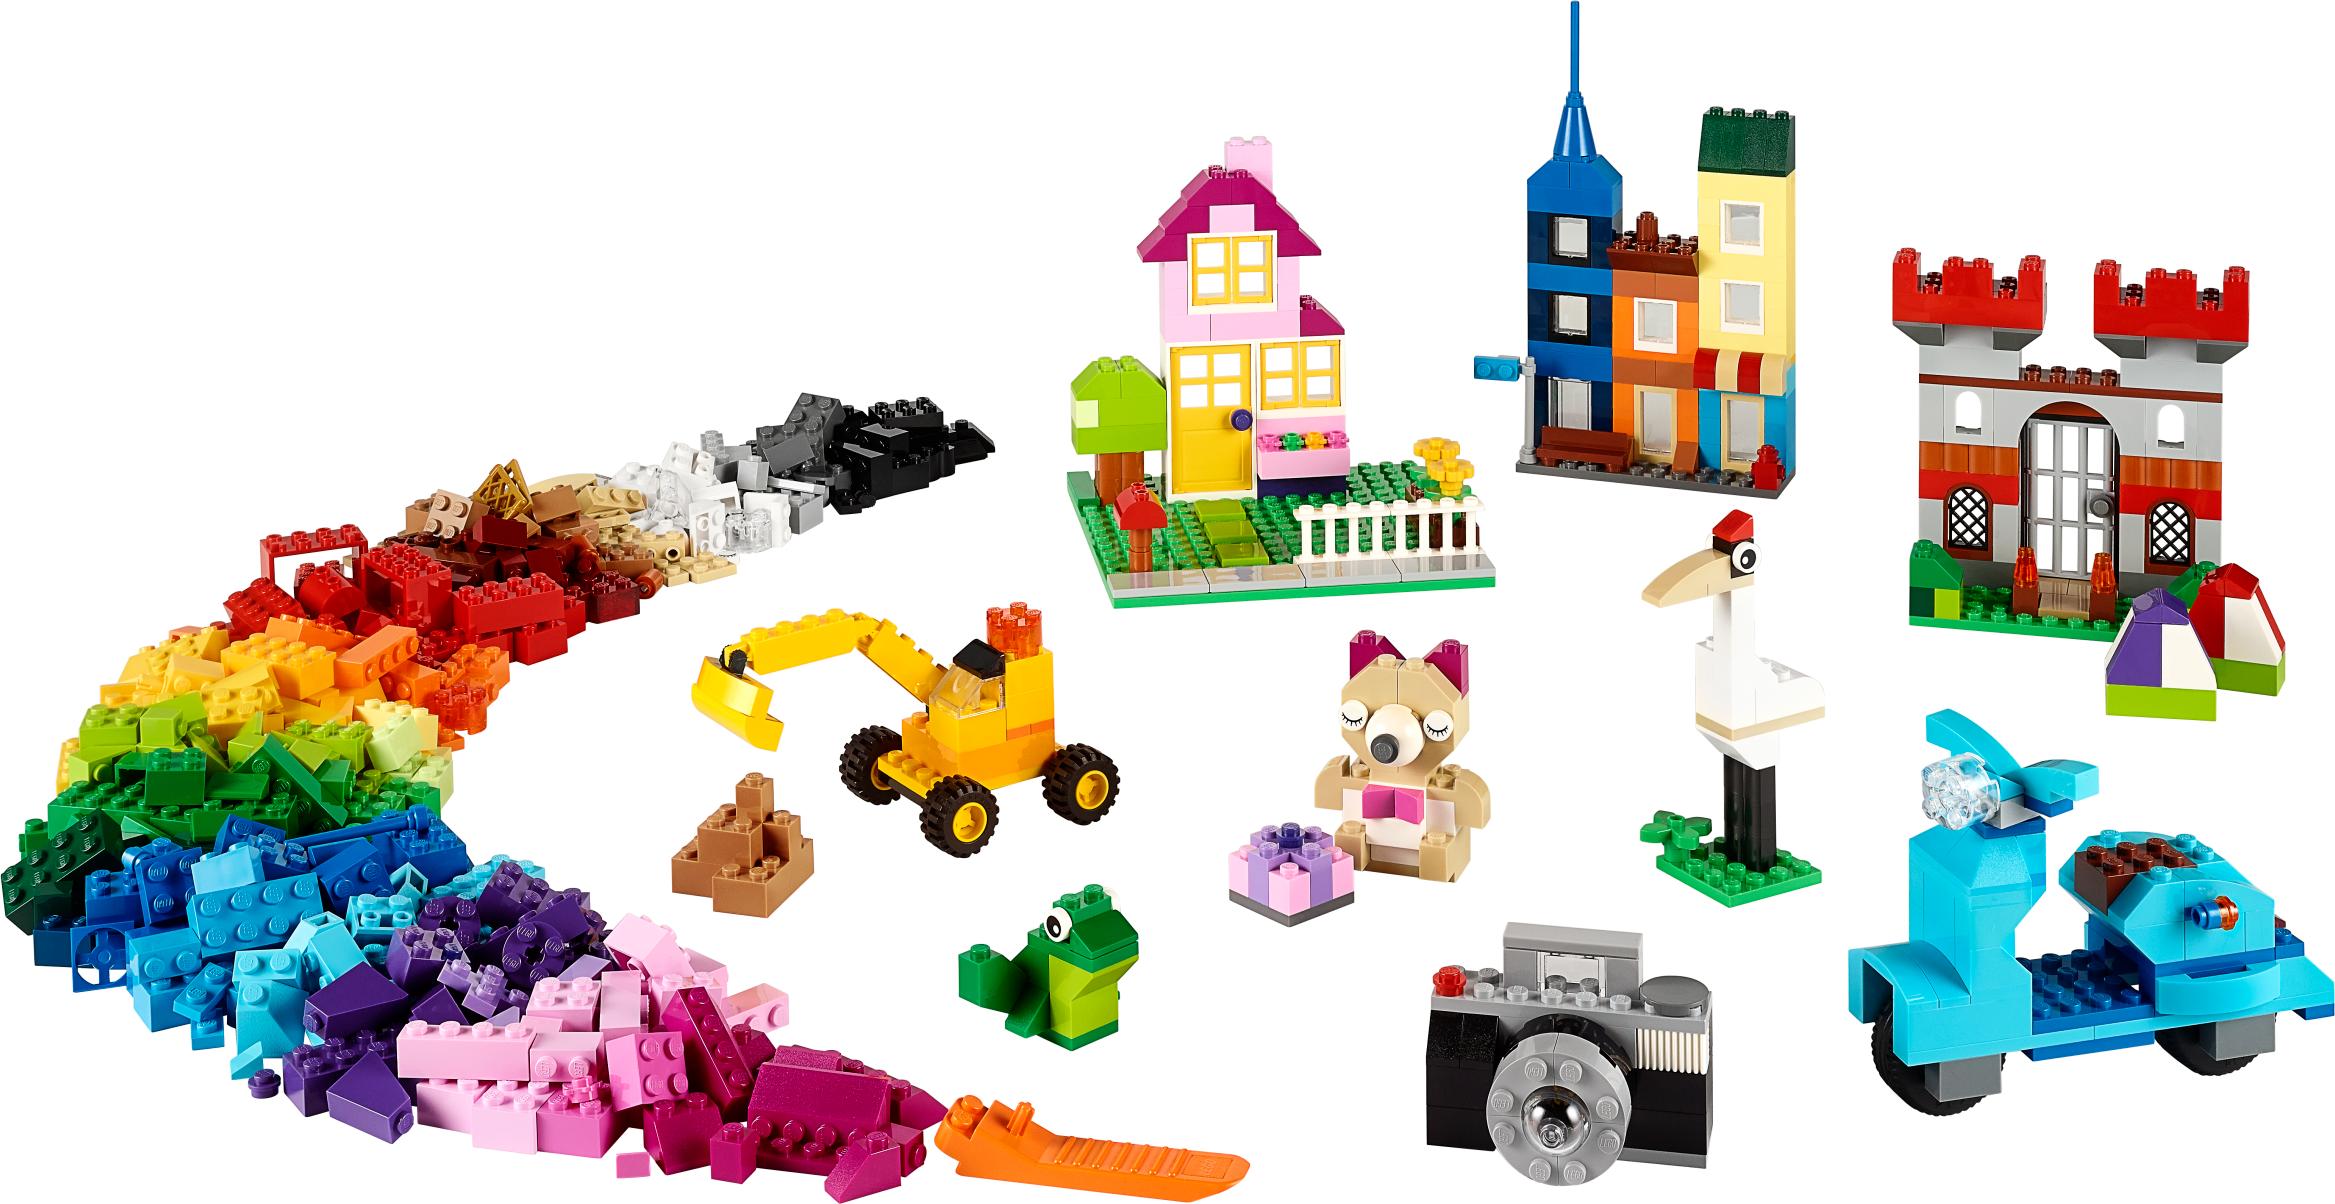 LEGO Large Creative Brick Box